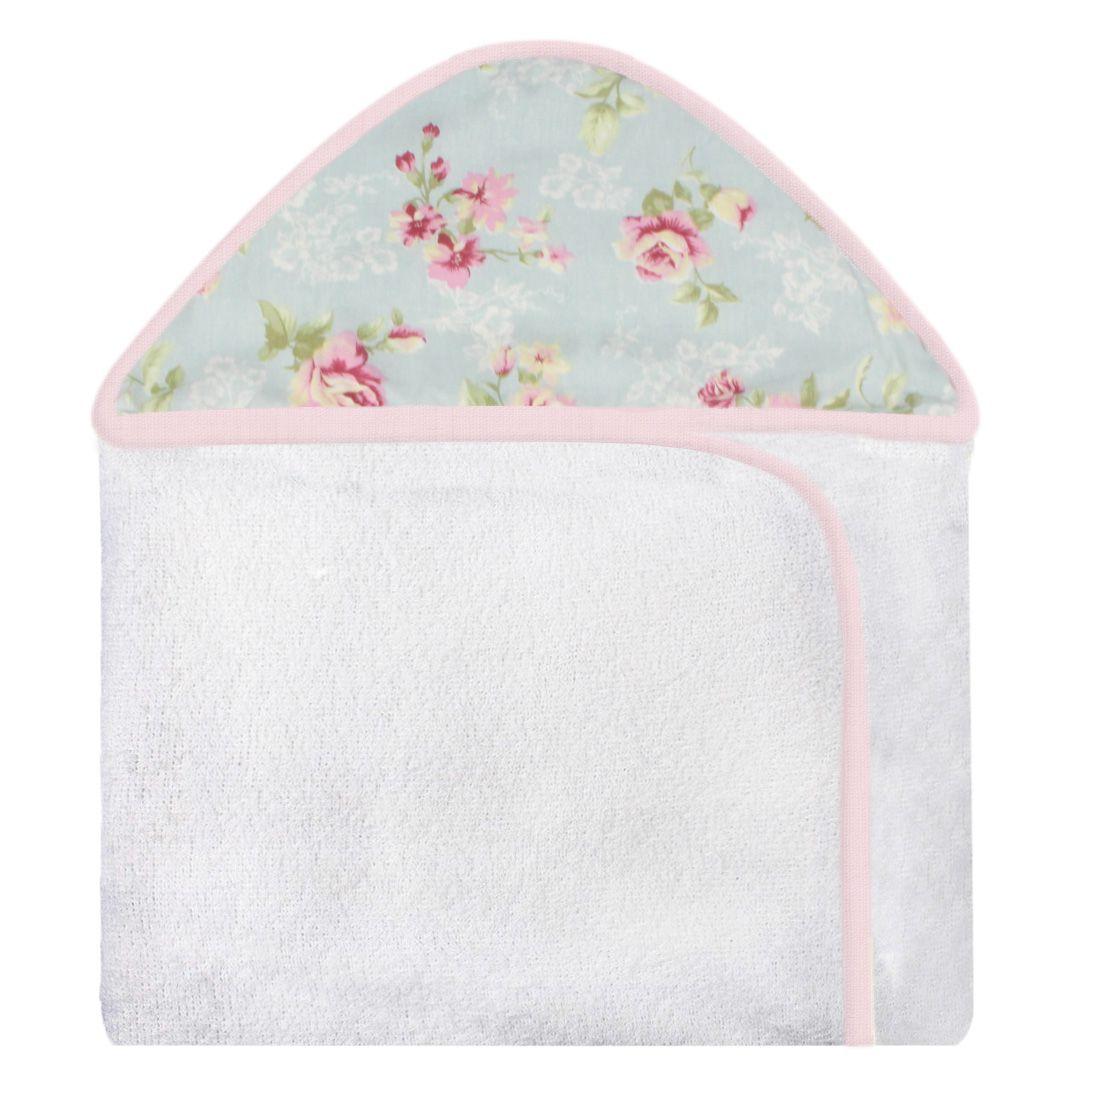 Toalha de Banho c/ Capuz Estampado - Ursa Realeza Floral